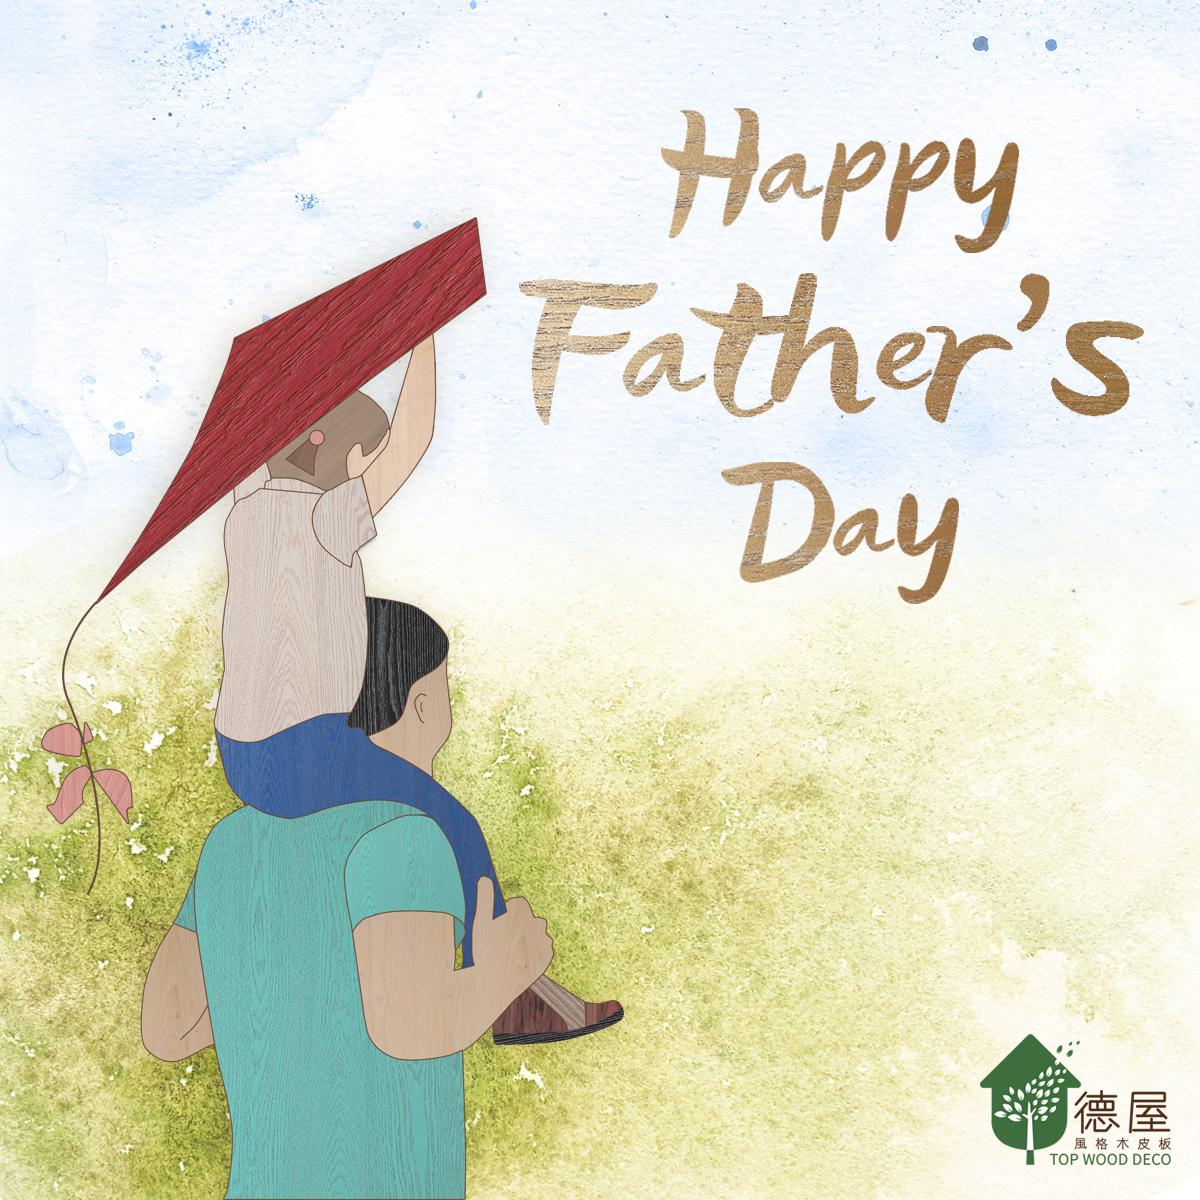 德屋祝福所有爸爸們父親節快樂!